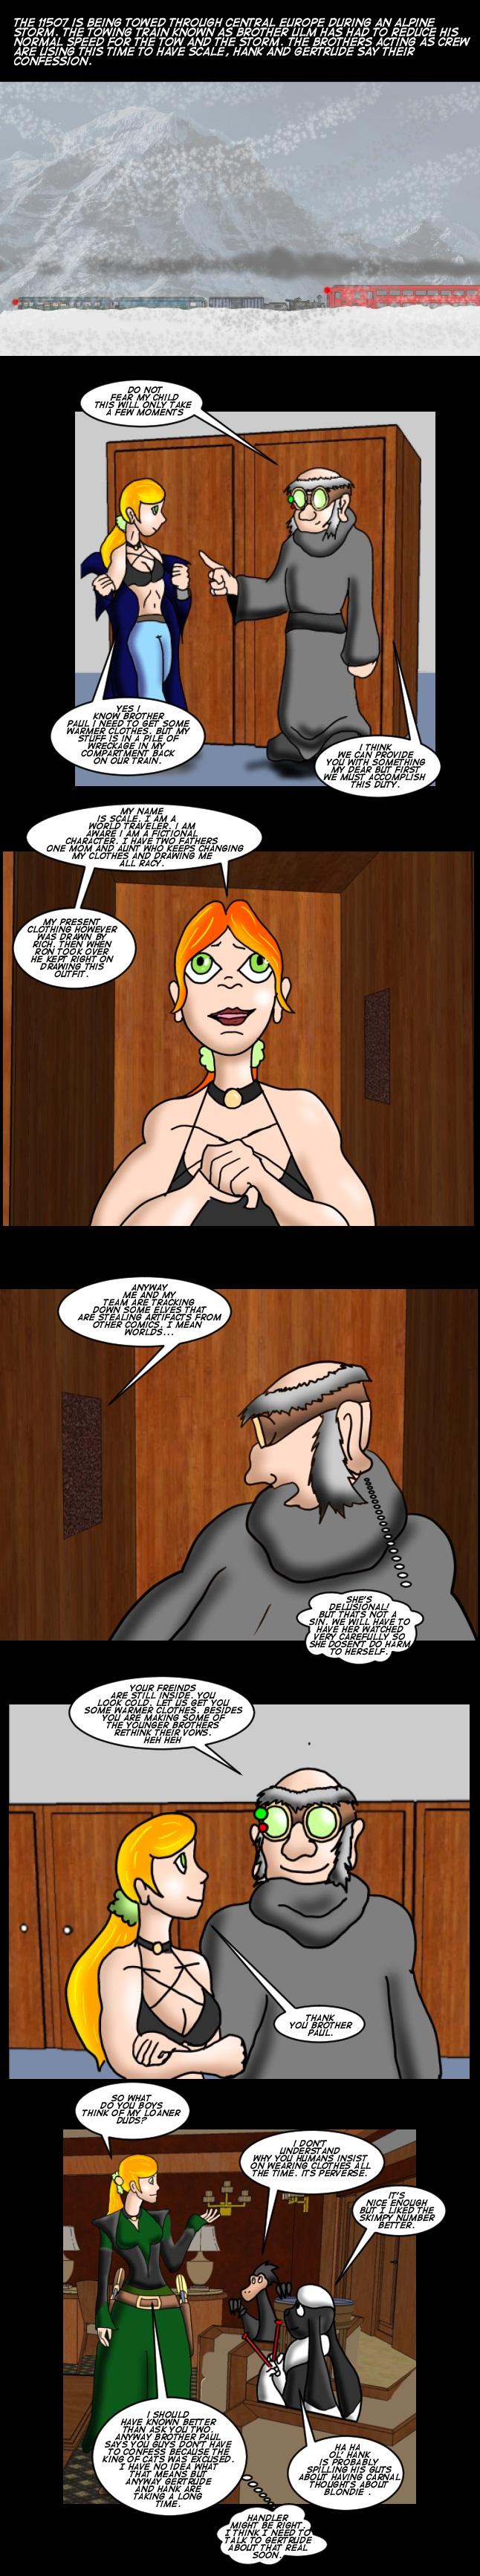 151 - Scale's Confession